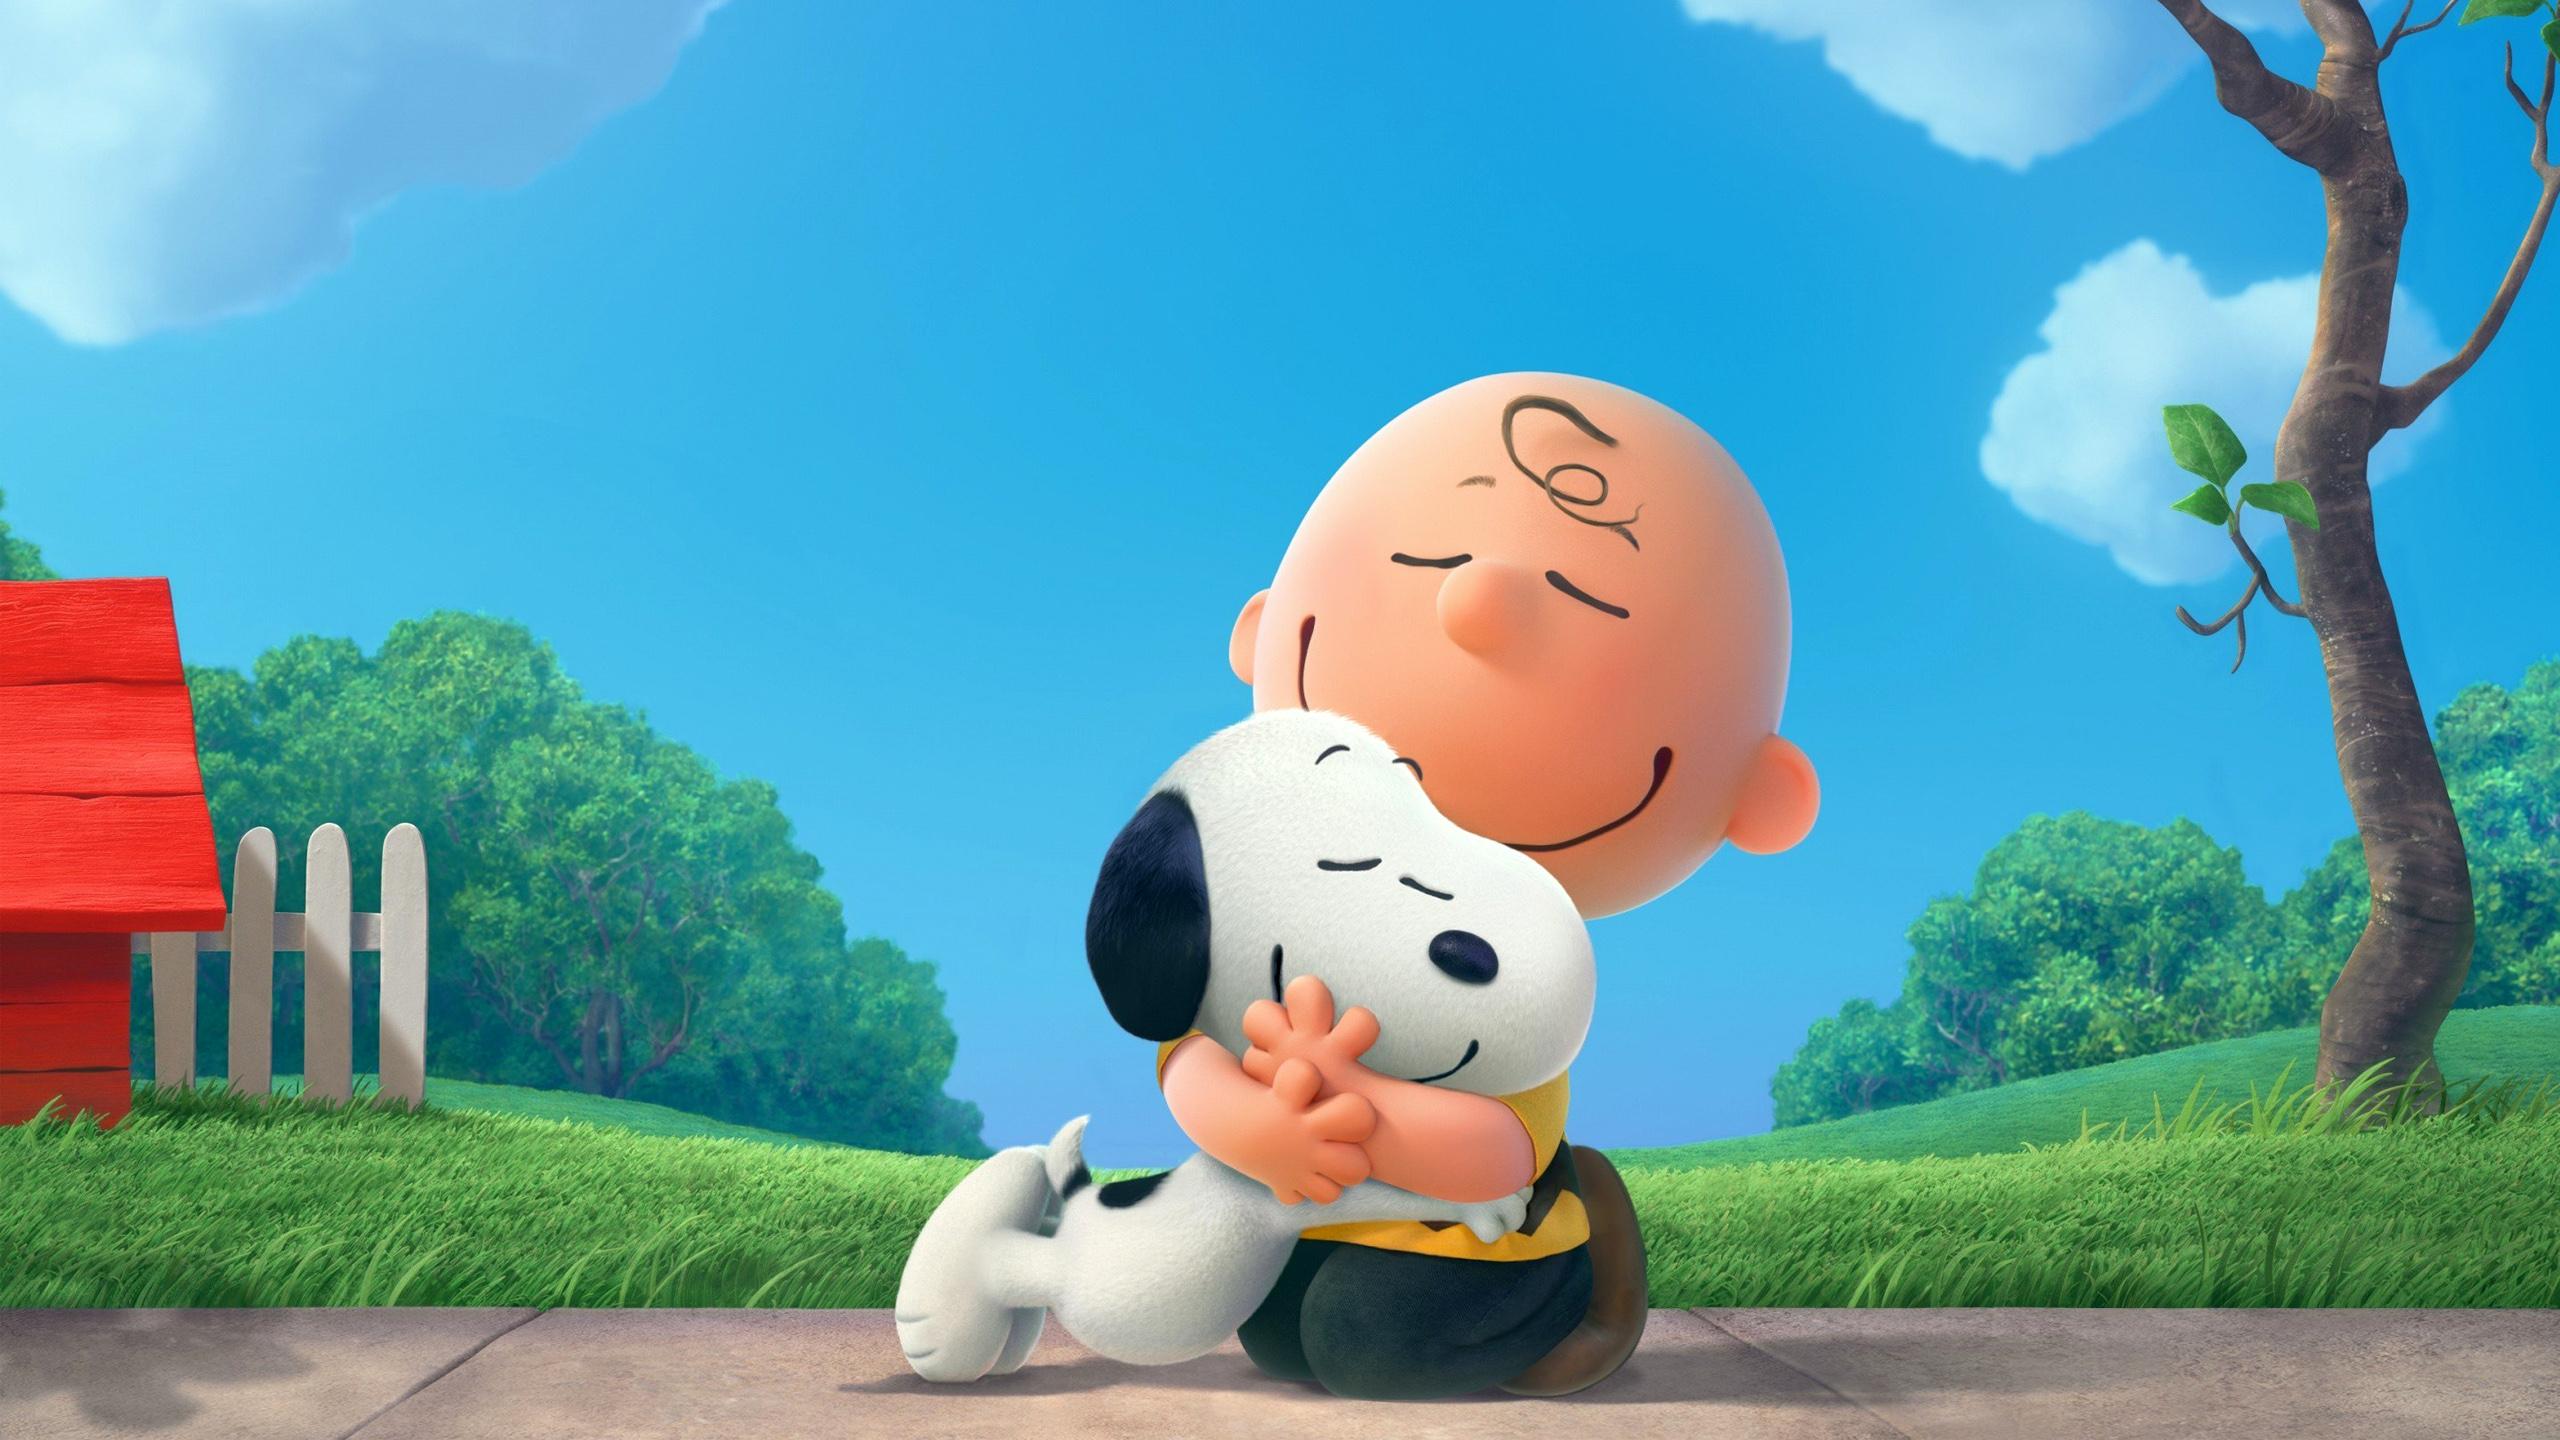 28 Best Snoopy Wallpapers For Desktop Design Trends Premium Psd